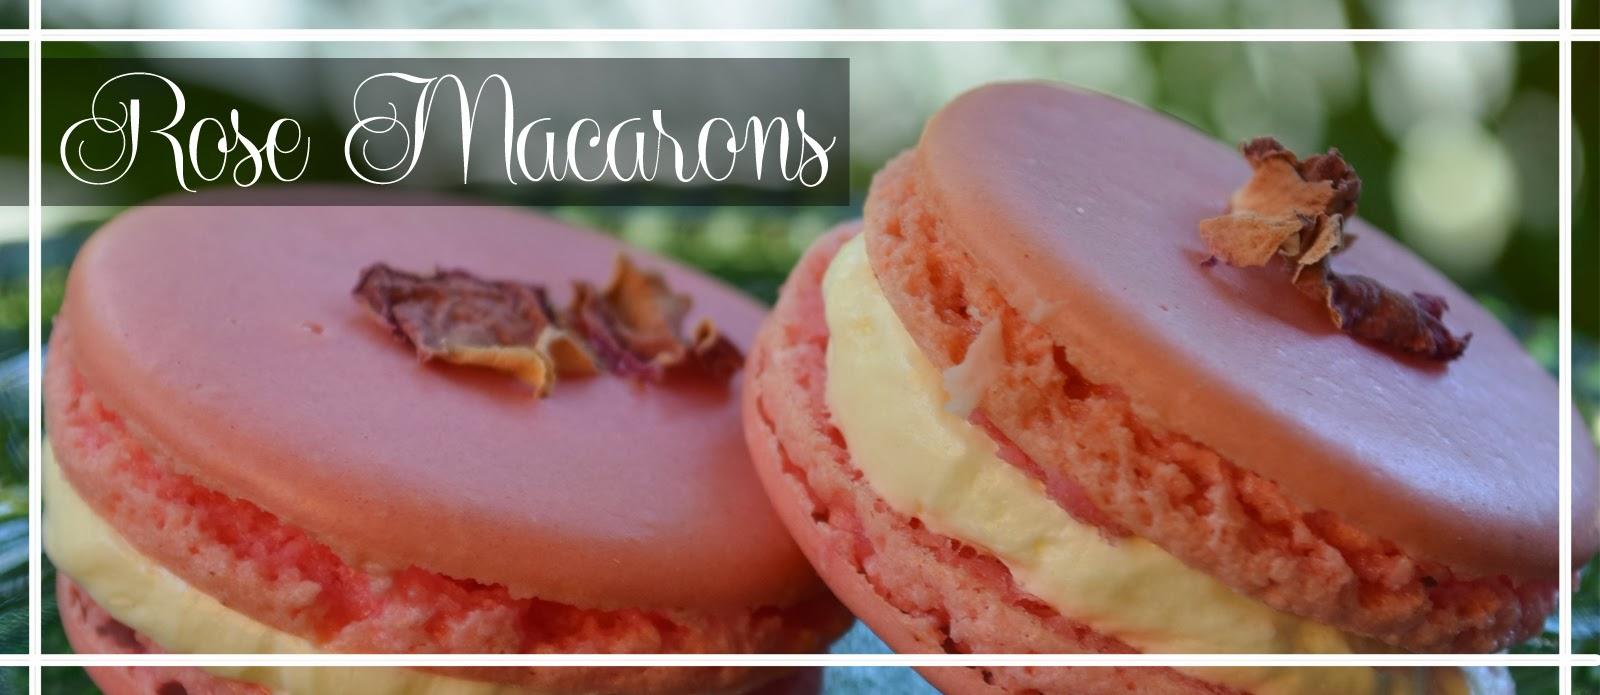 macaron buttercream pink flower food visual baking